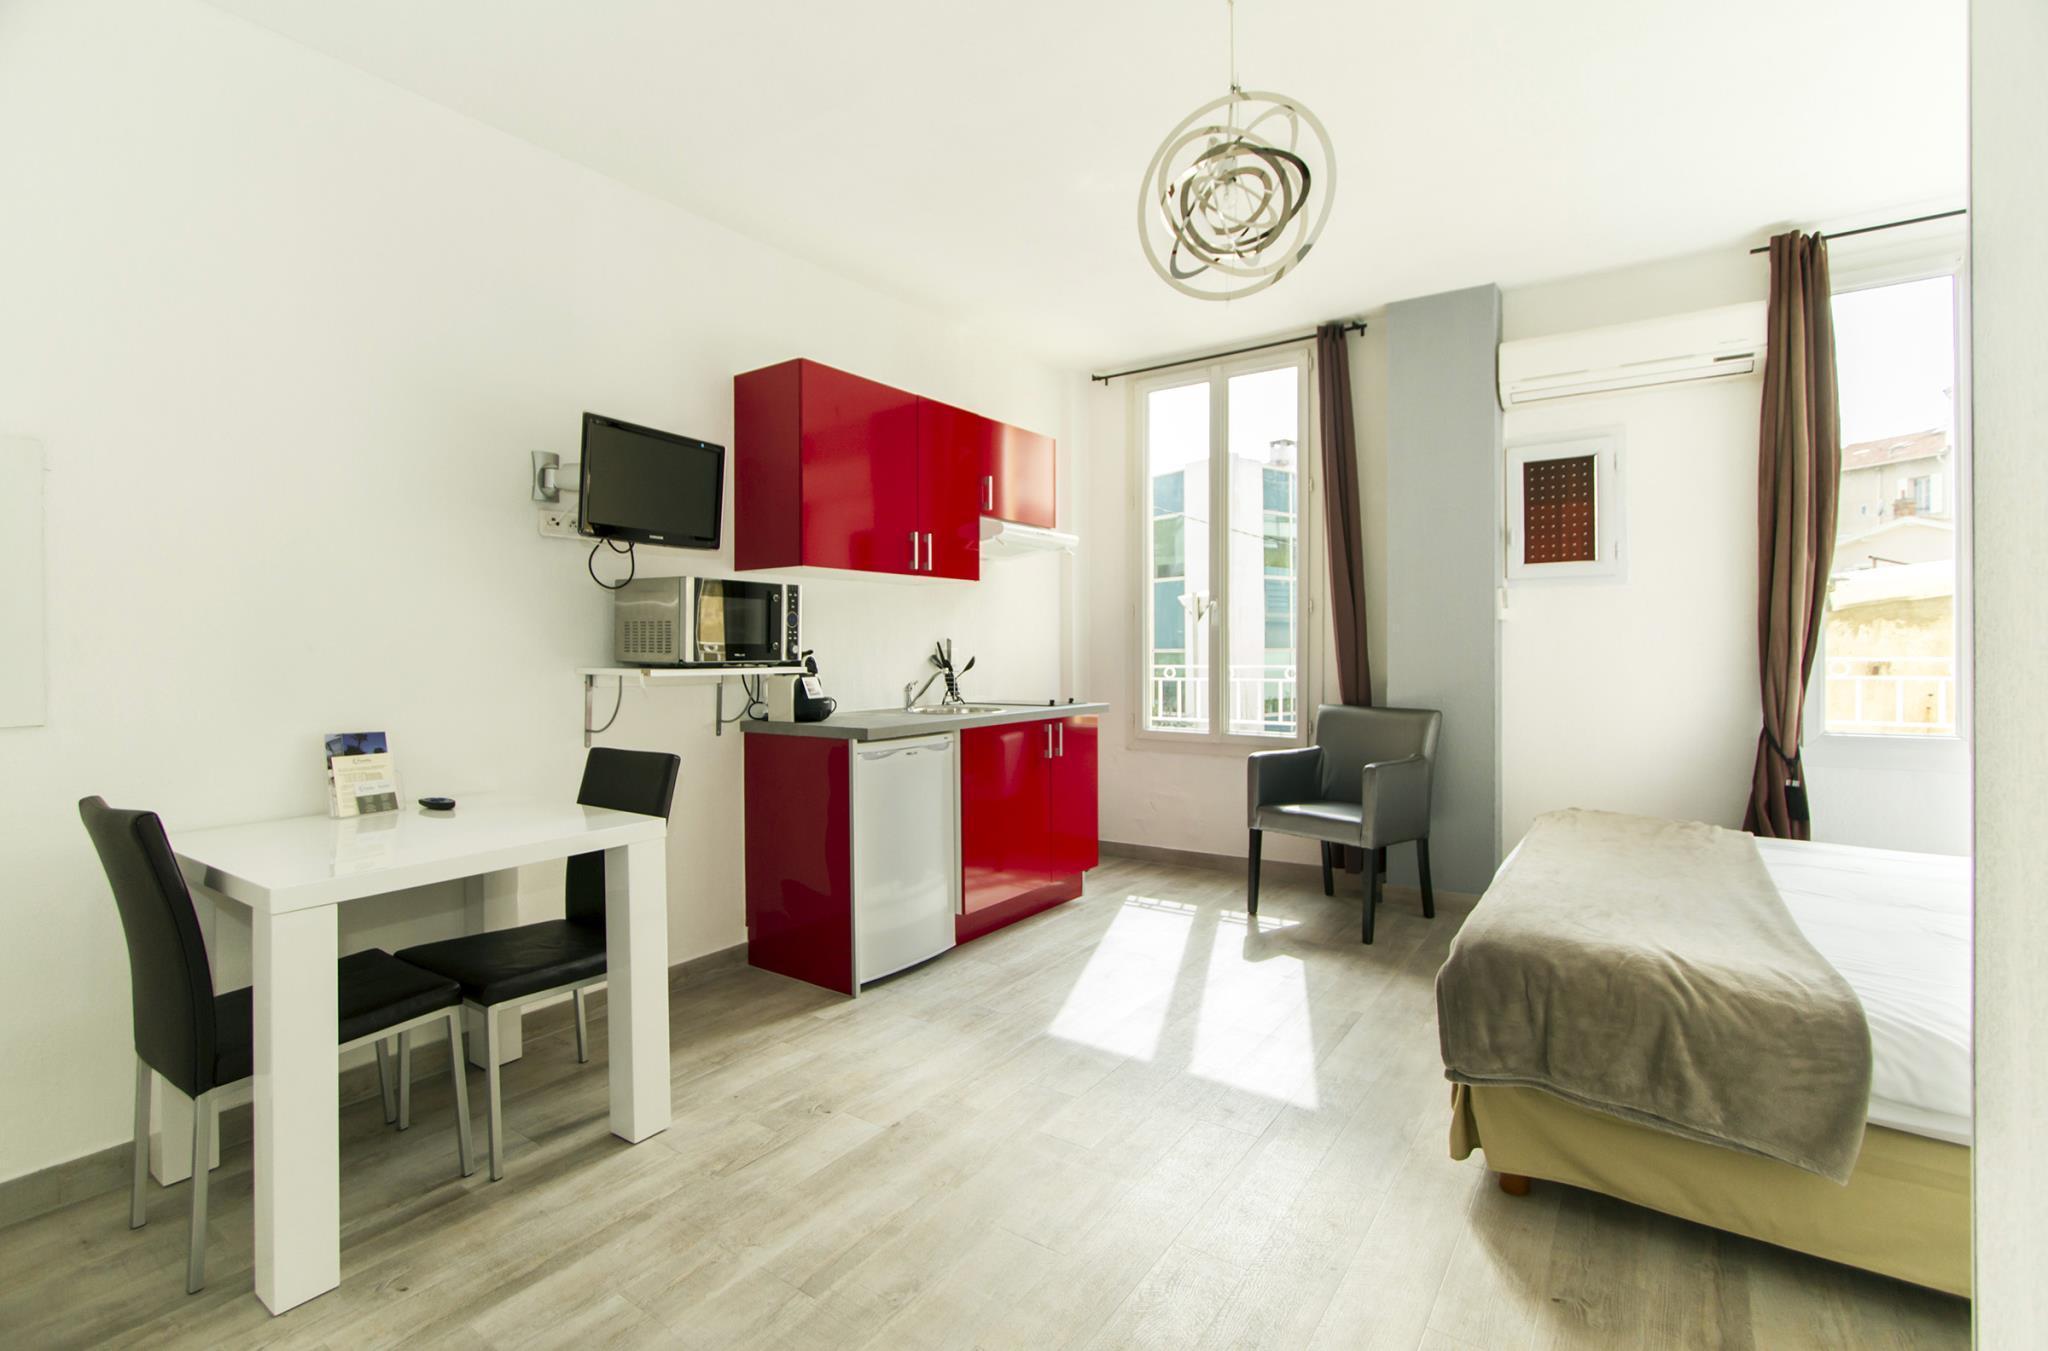 florella republique residence in cannes room deals photos reviews rh agoda com